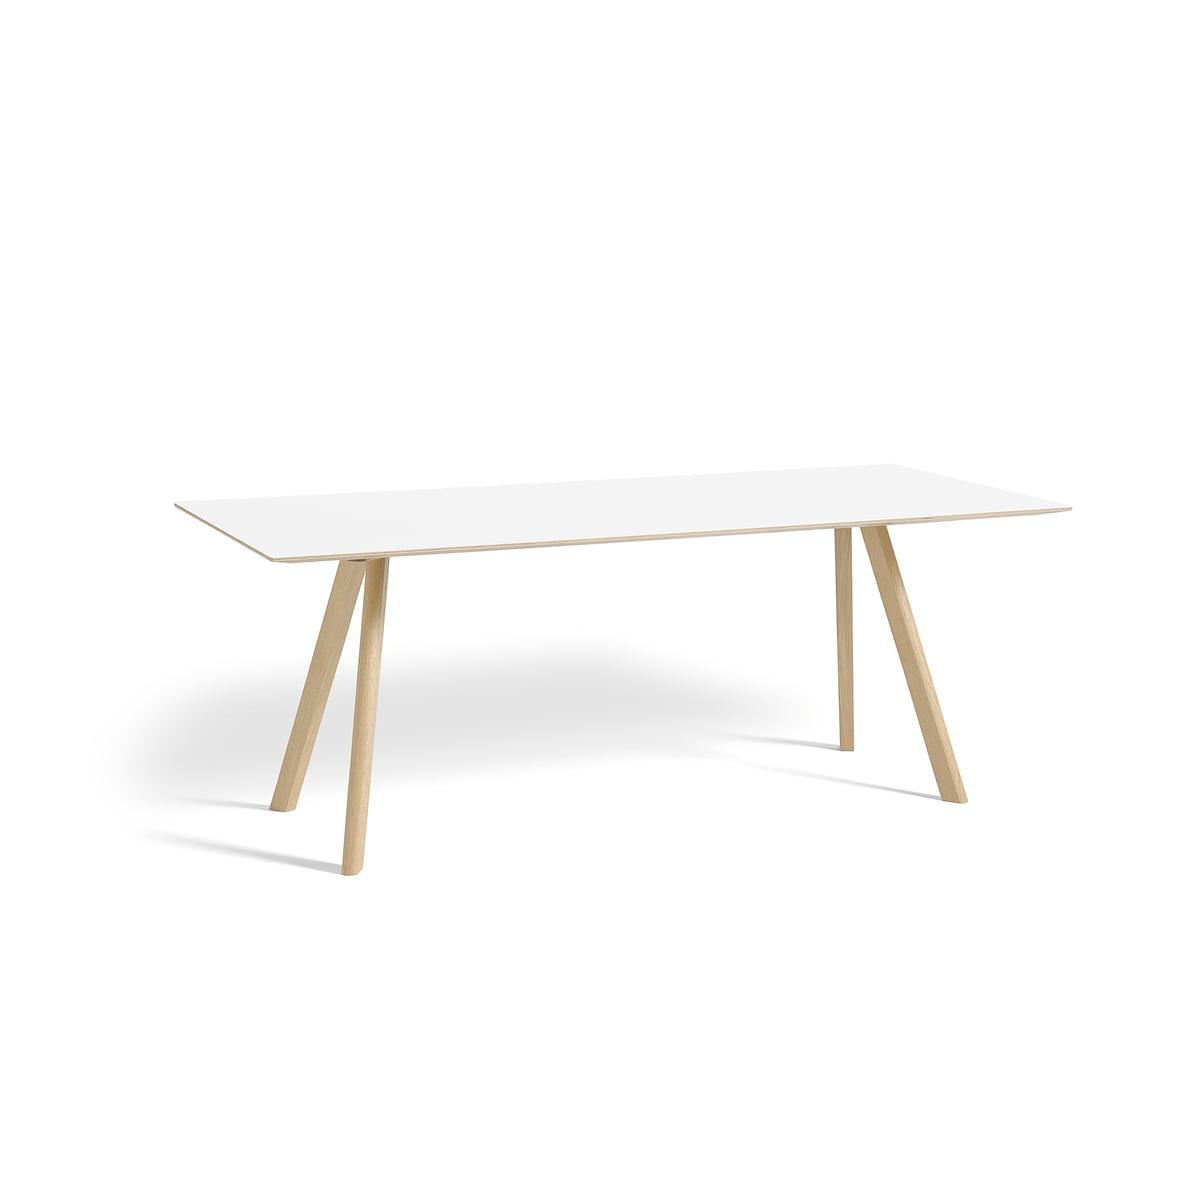 Hay - Copenhague CPH30 Esstisch 200 x 90 cm, Eiche matt lackiert / Laminat weiß | Baumarkt > Bodenbeläge > Laminat | Weiß | Hay